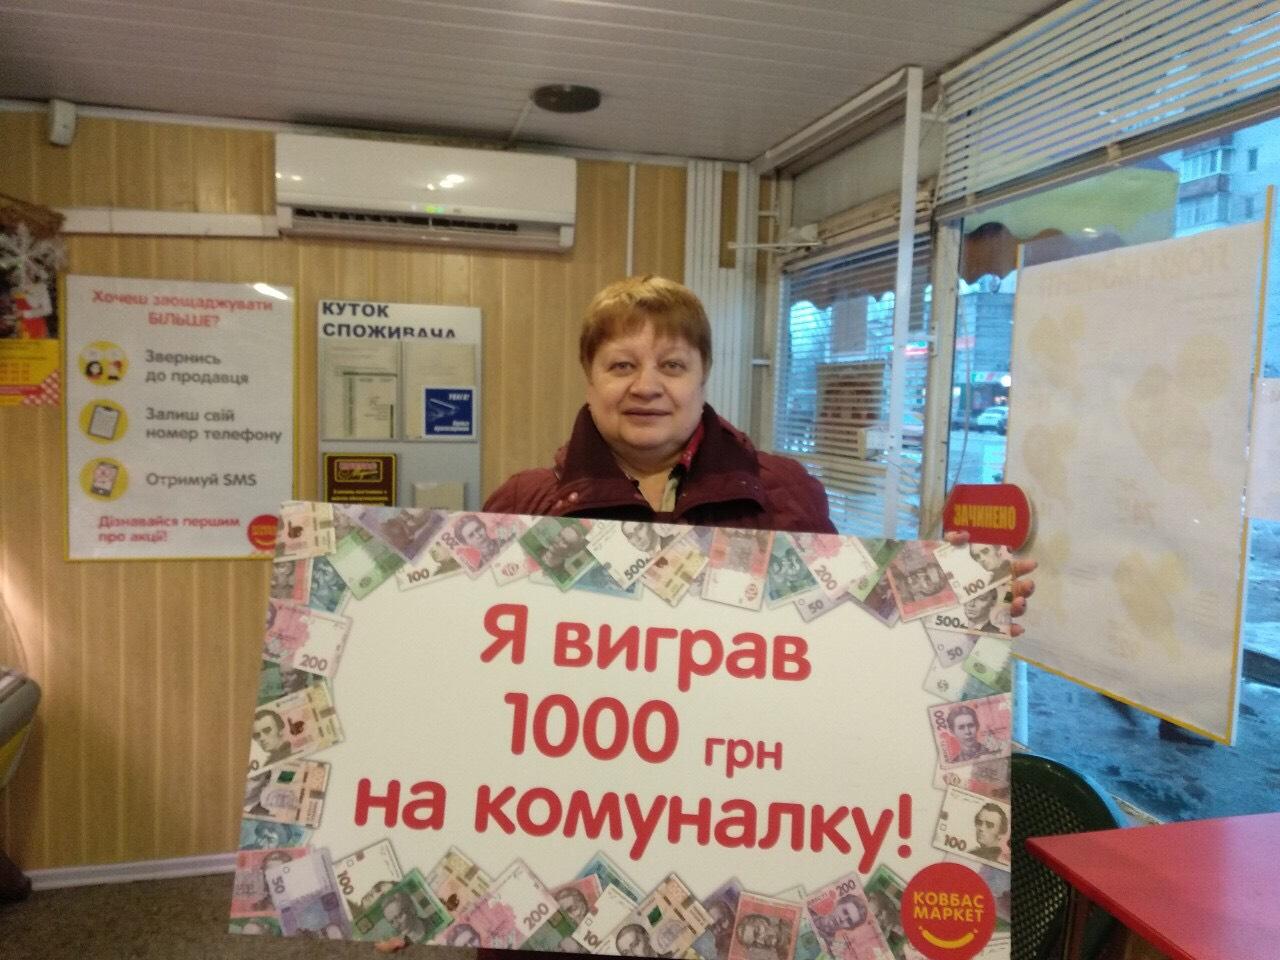 Переможці розіграшу «77 тисяч гривень на коммуналку»